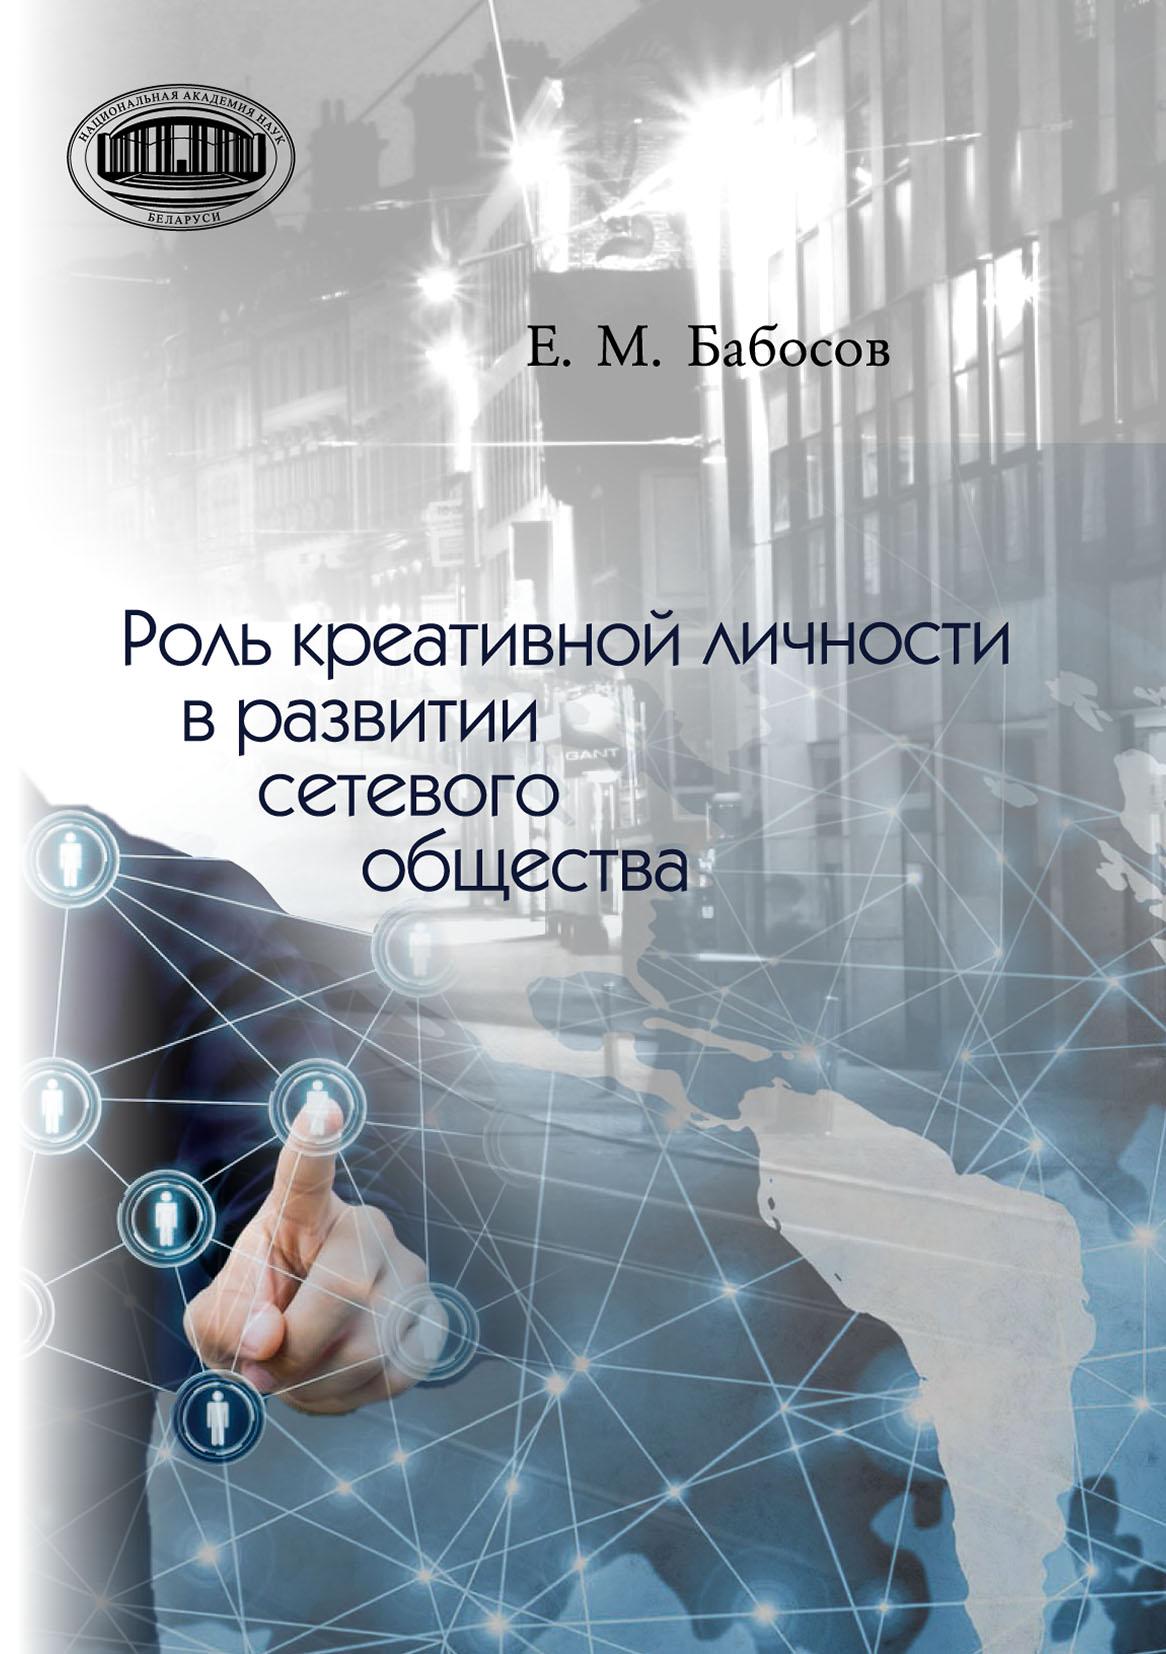 Купить книгу Роль креативной личности в развитии сетевого общества, автора Е. М. Бабосова